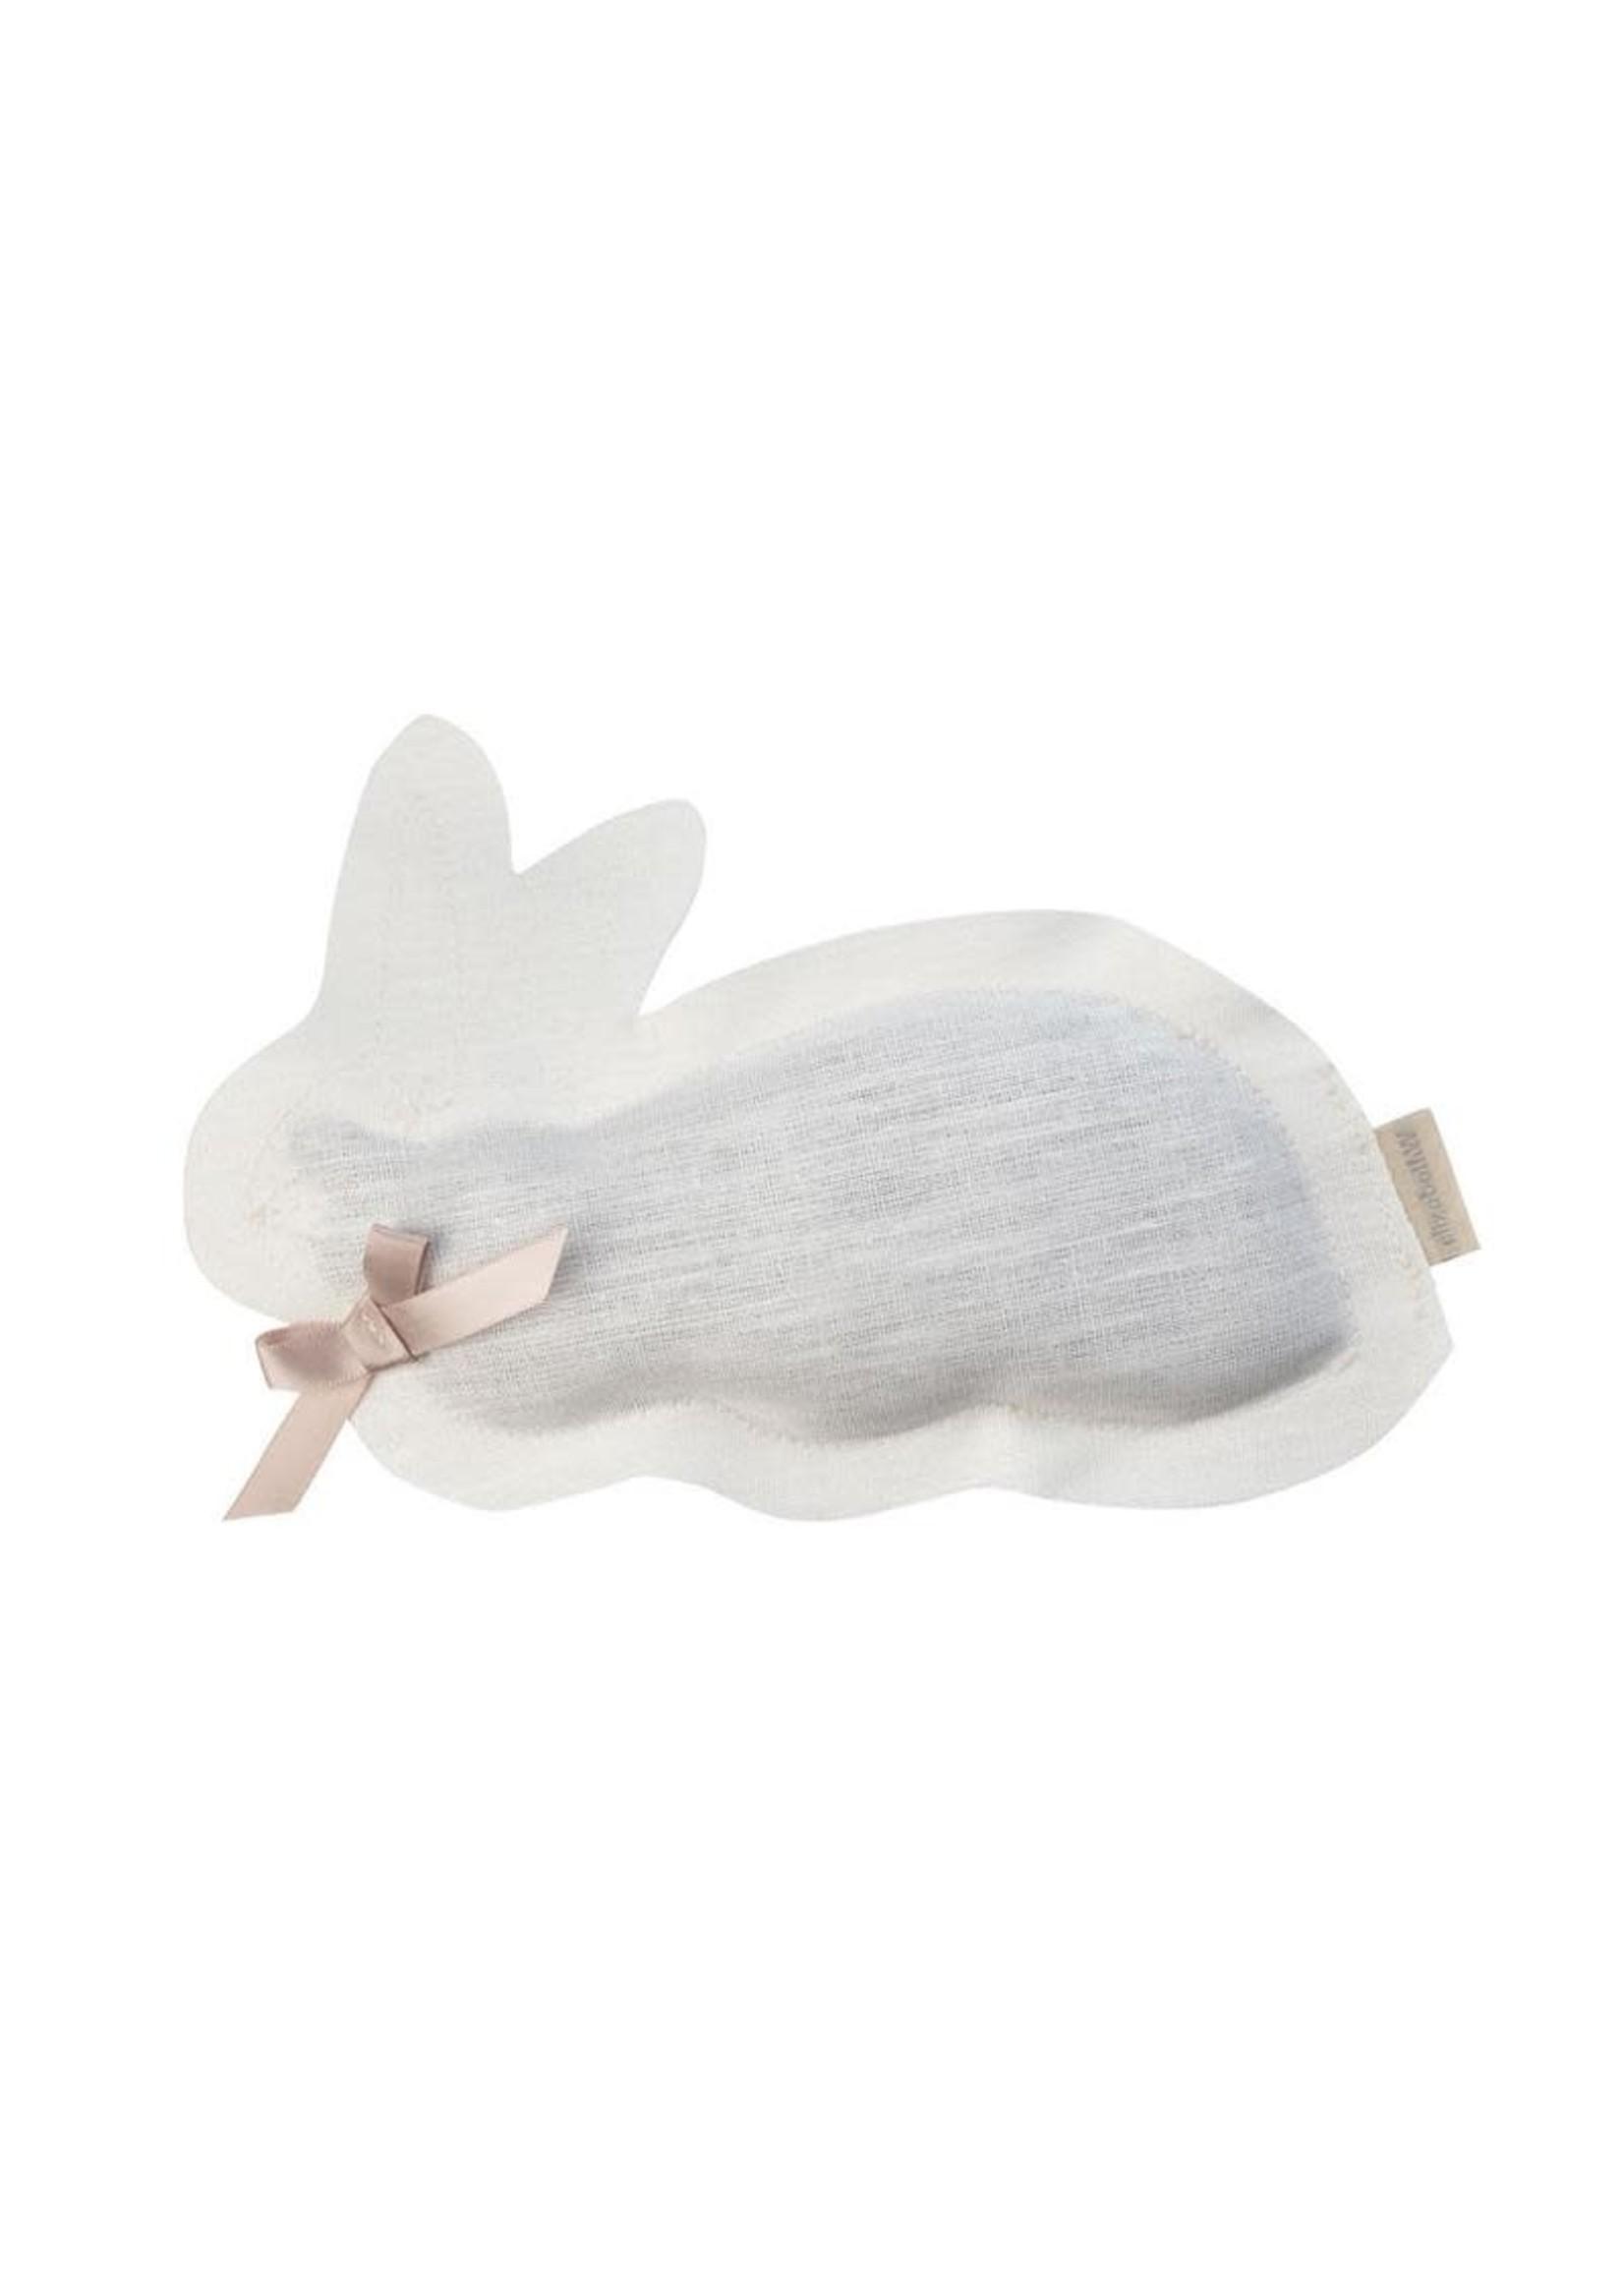 Elizabeth W Lavender Sachet - Bunny Ivory